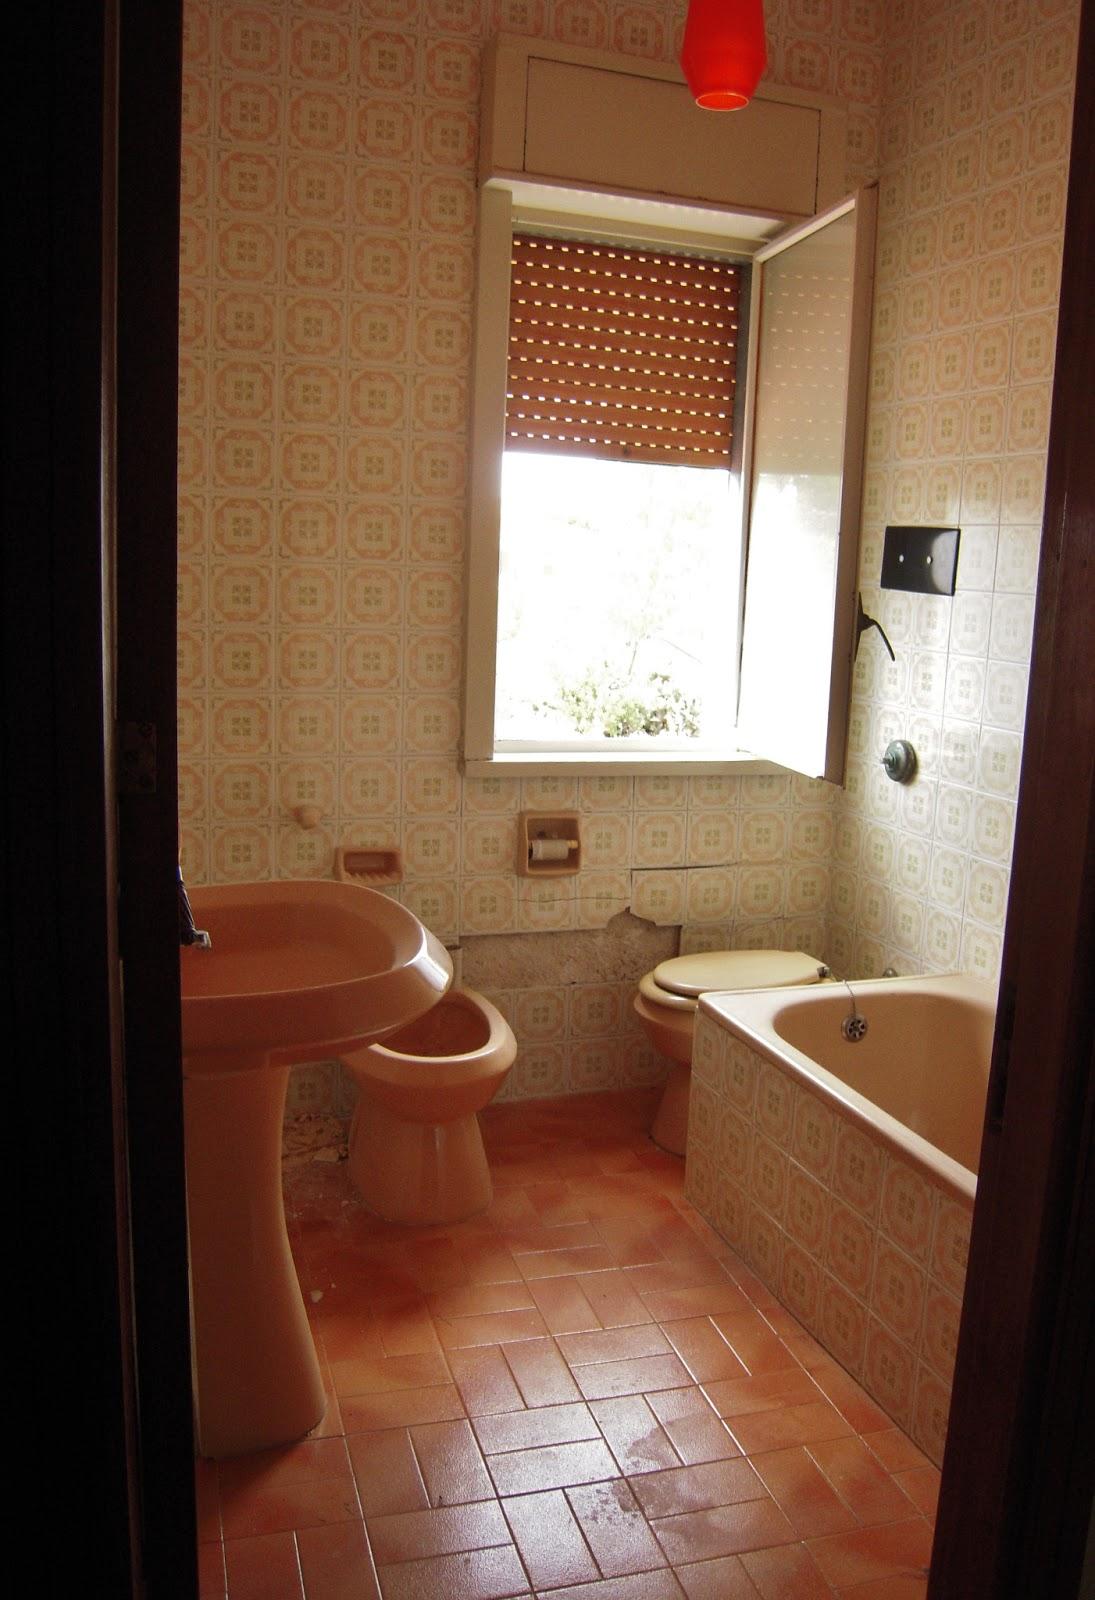 Casa dolce caos il bagno su - Devo rifare il bagno ...